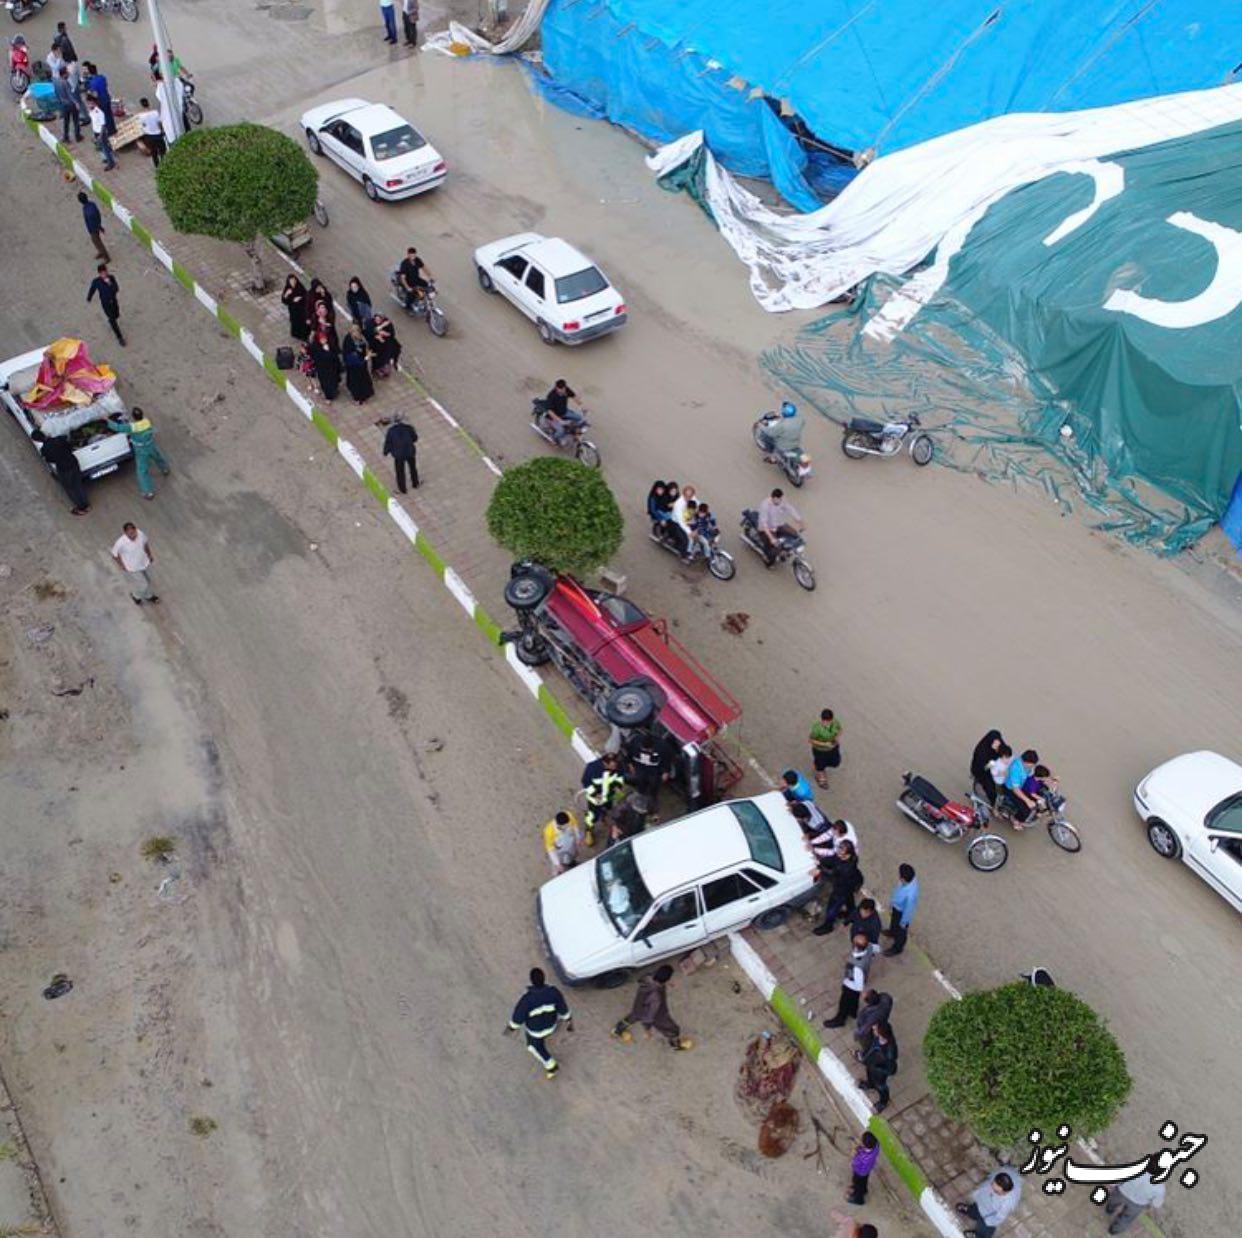 5 نفر مفقود و 20 نفر مجروح شدند +تصاویر